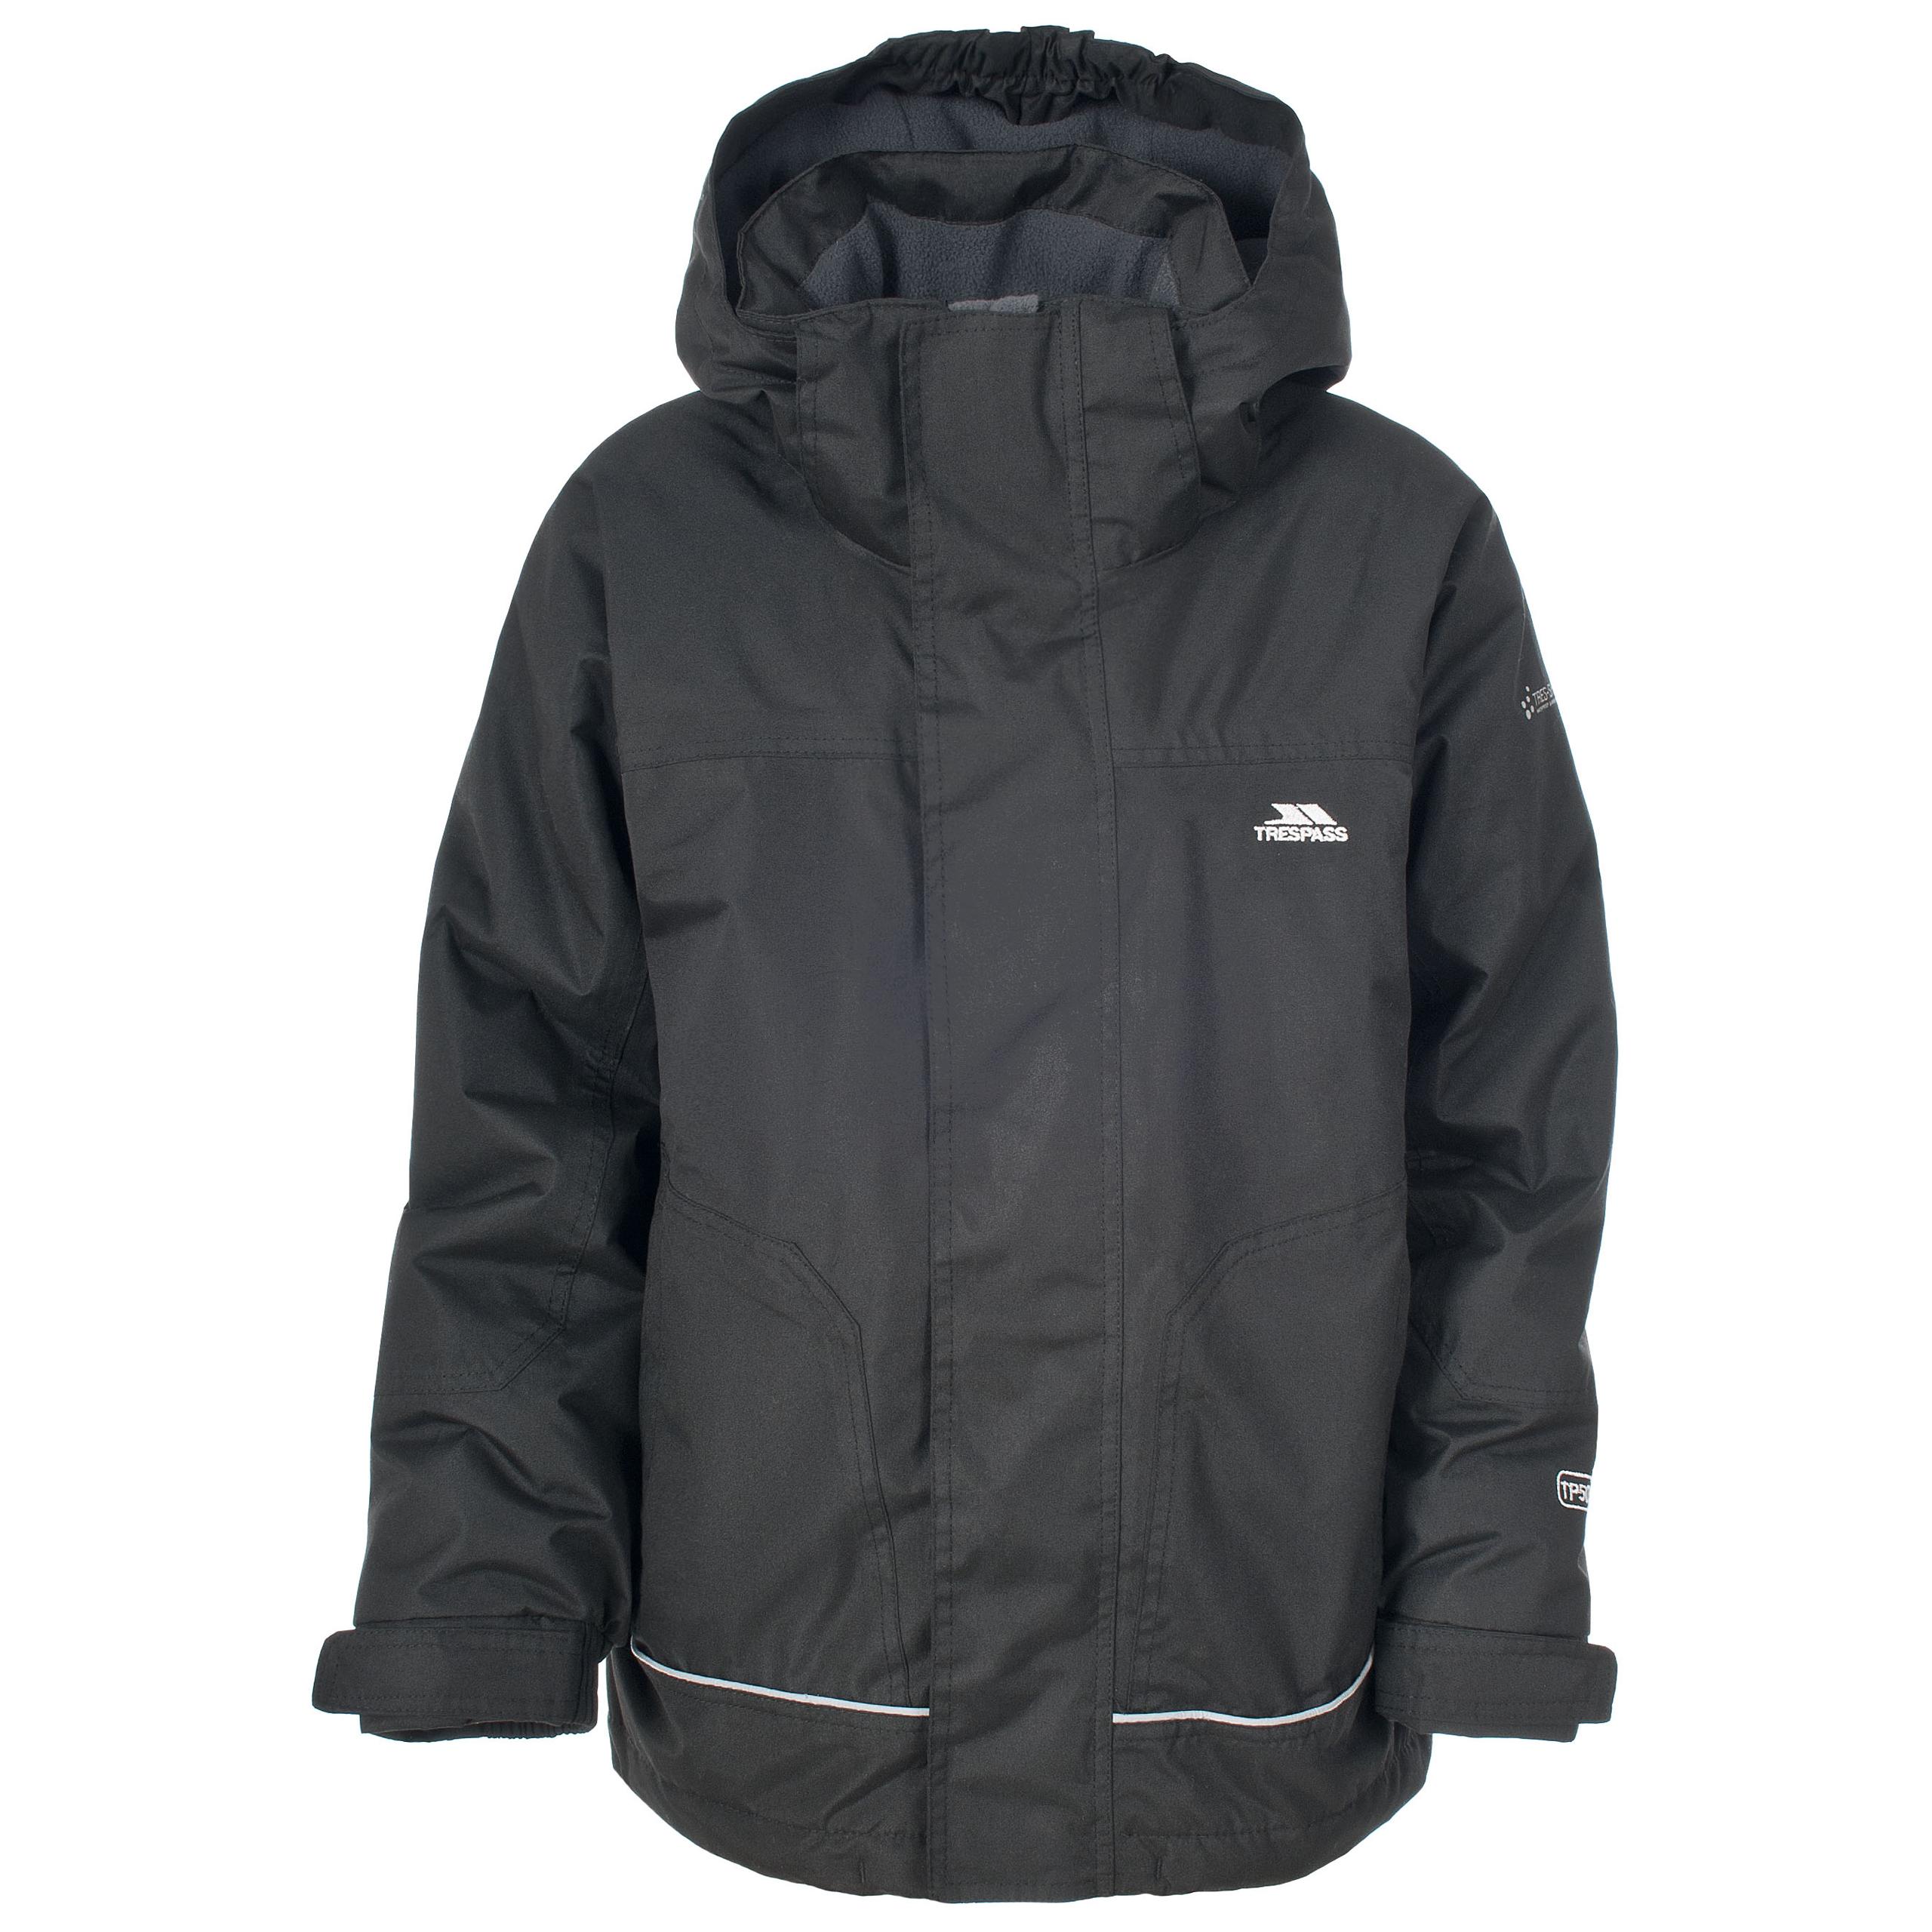 Trespass-CORNELL-impermeable-unisexe-coupe-vent-manteau-de-pluie-scolaire-enfant